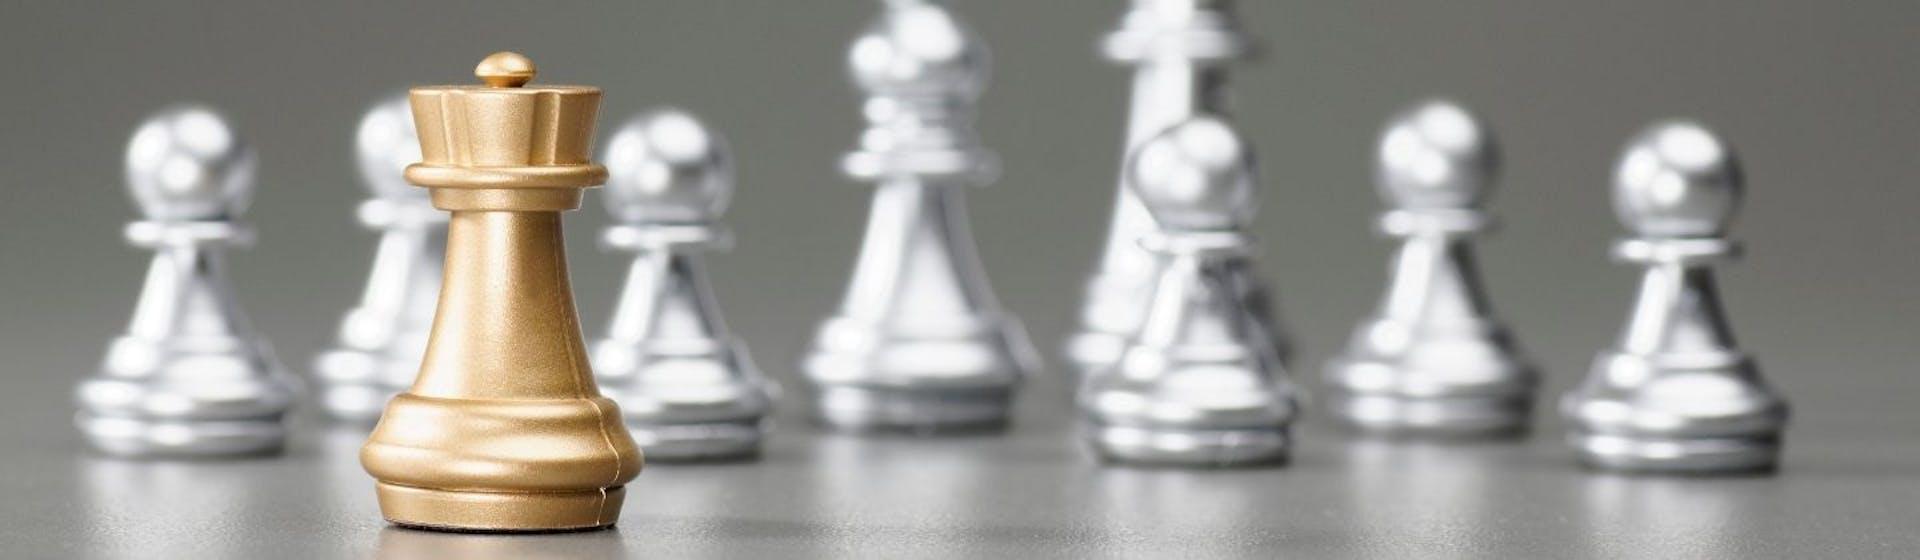 ¿Cómo usar la torre en el ajedrez? Lleva a tu estratega interior al máximo nivel